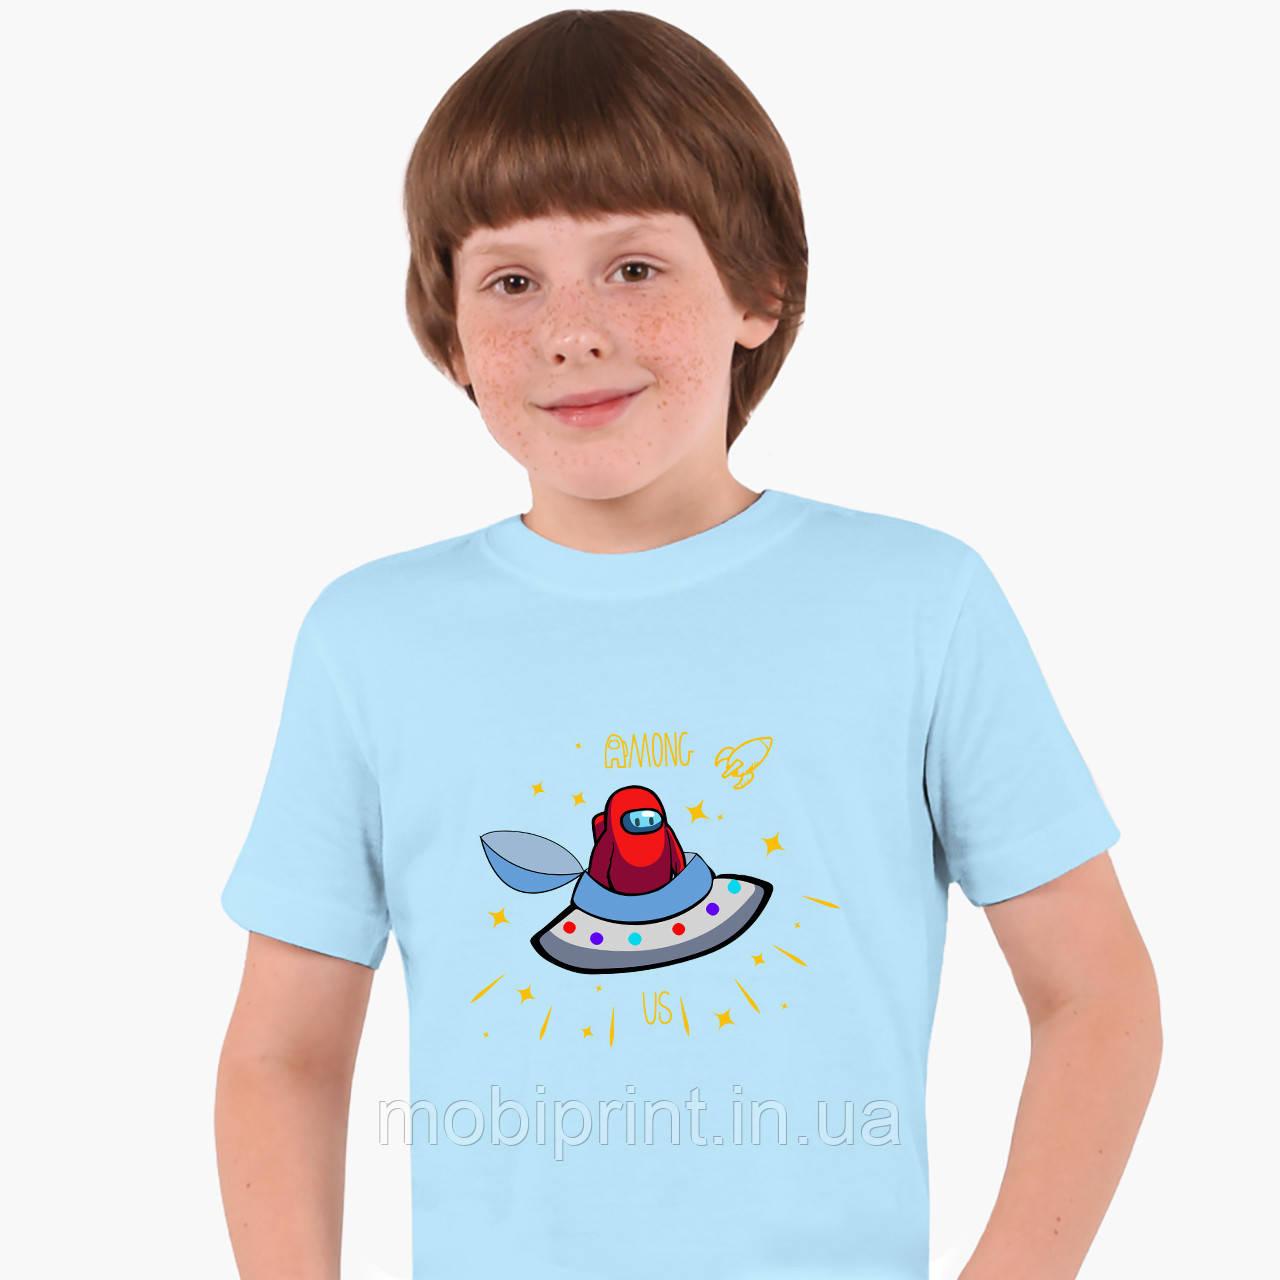 Дитяча футболка для хлопчиків Амонг Червоний Ас (Among Us Red) (25186-2583) Блакитний